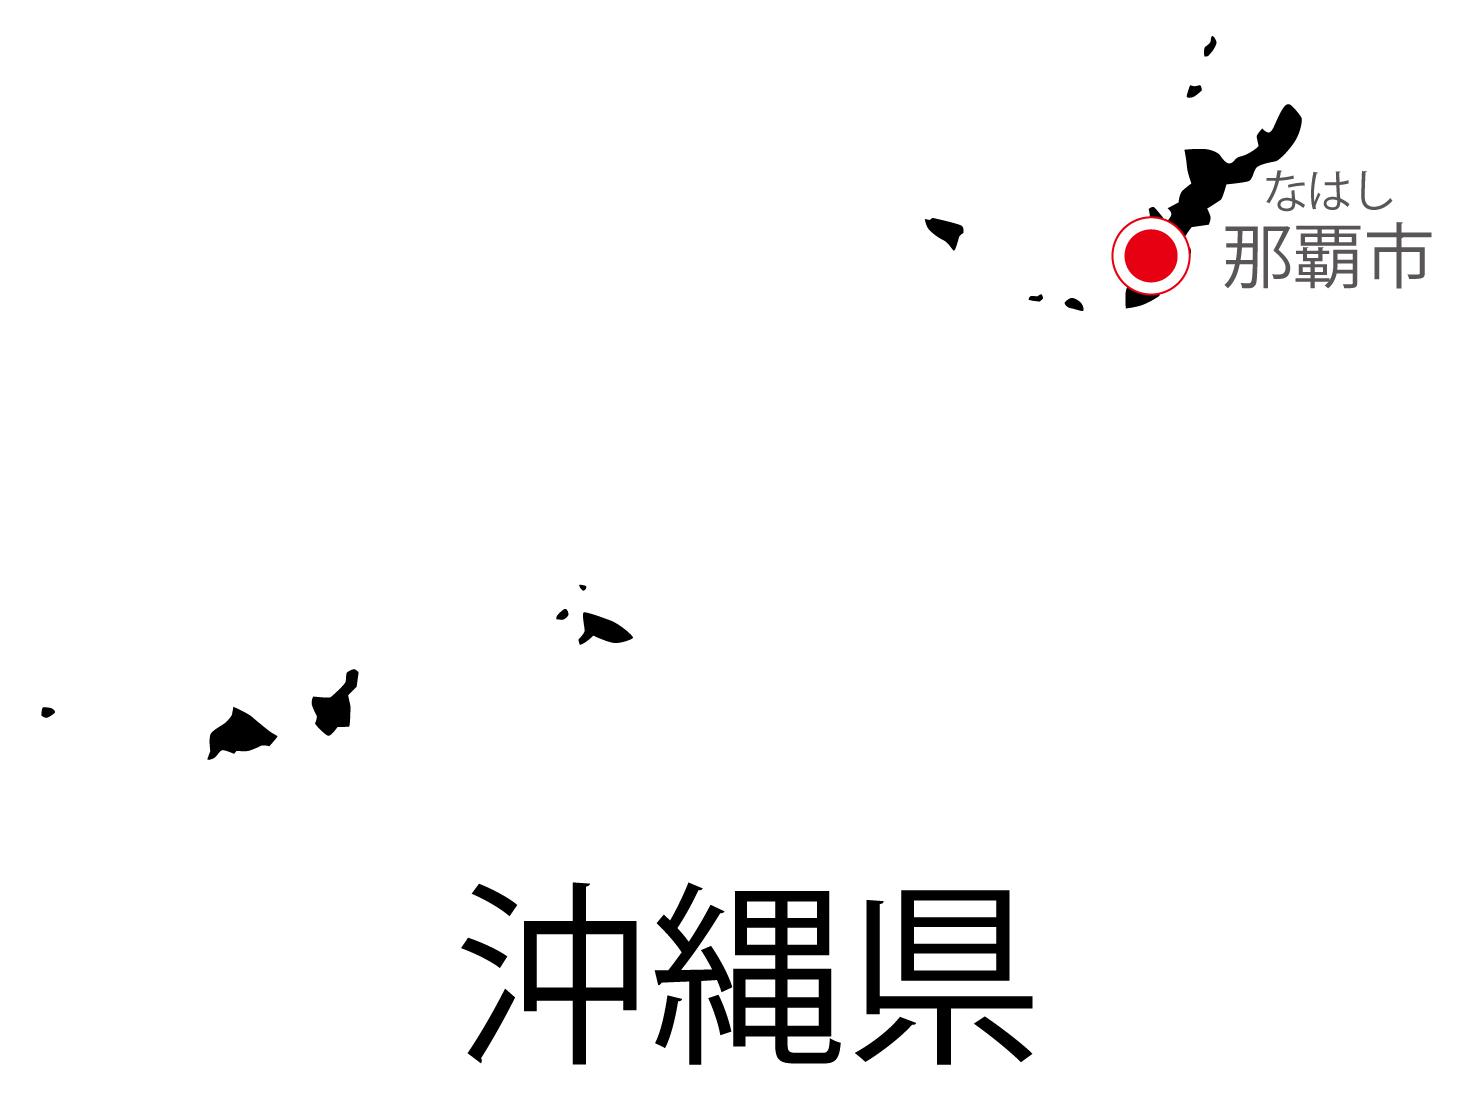 沖縄県無料フリーイラスト|日本語・都道府県名あり・県庁所在地あり・ルビあり(黒)